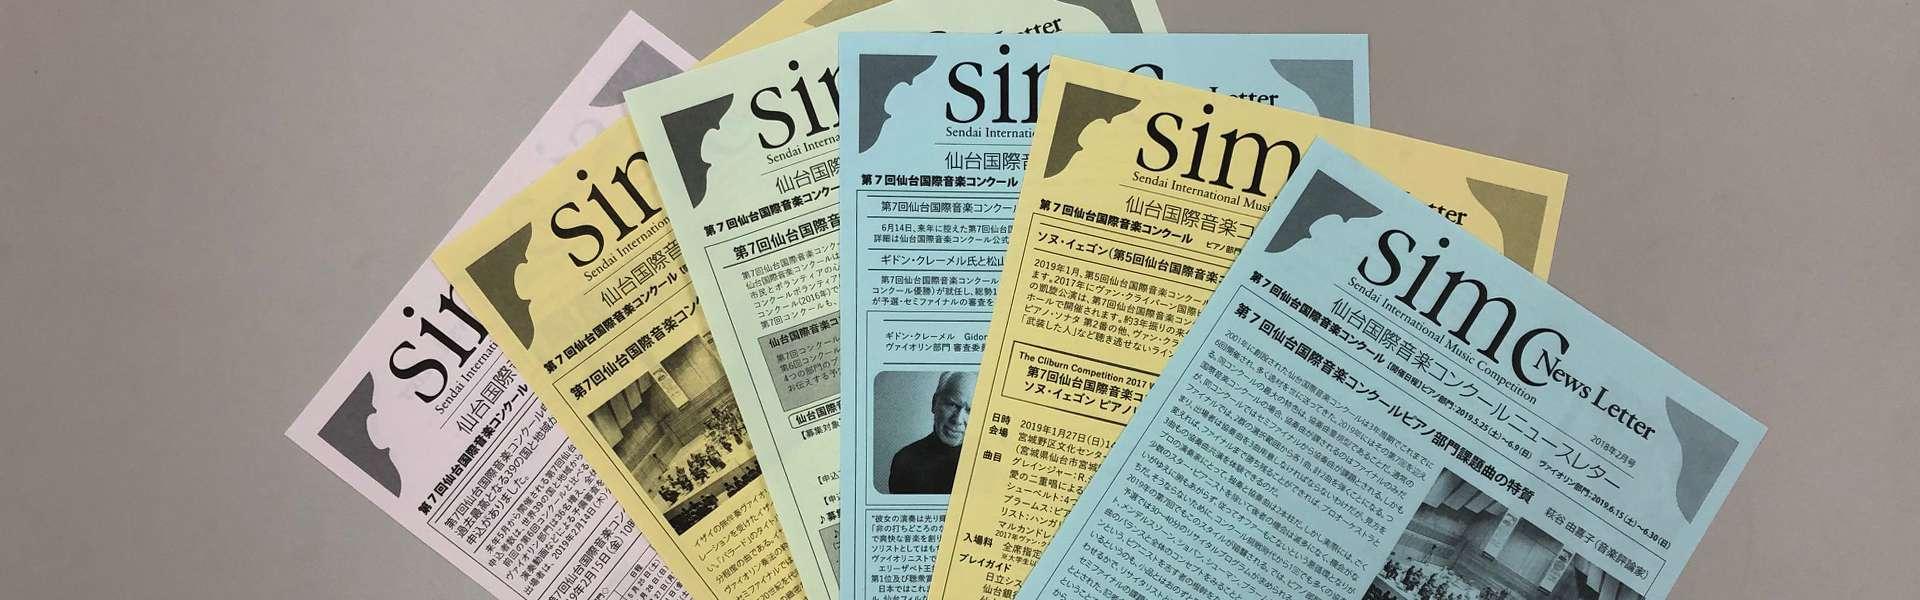 » ピアノ部門セミファイナル【第3日目】演奏レポート